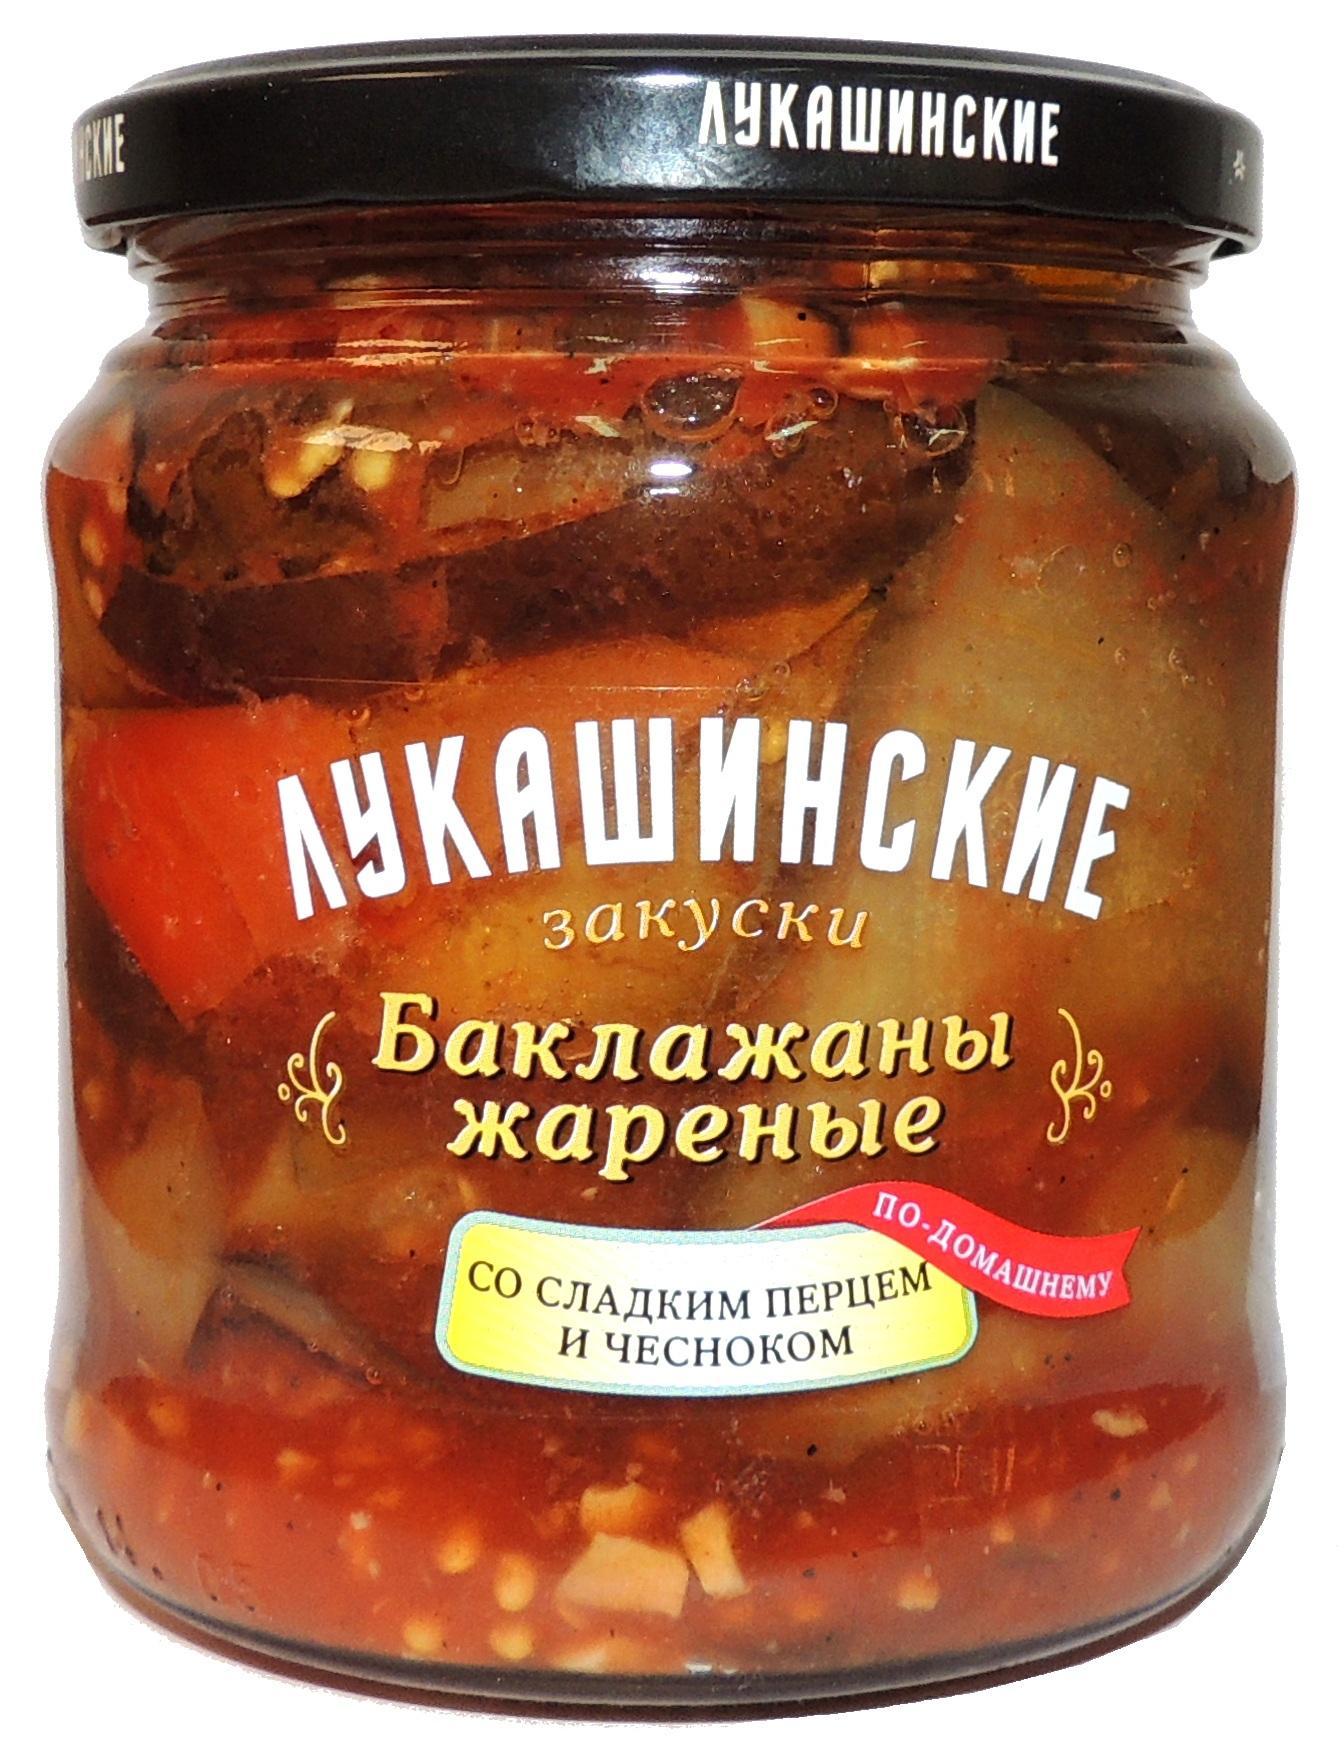 Баклажаны Лукашинские Жареные со сладким перцем и чесноком По-домашнему